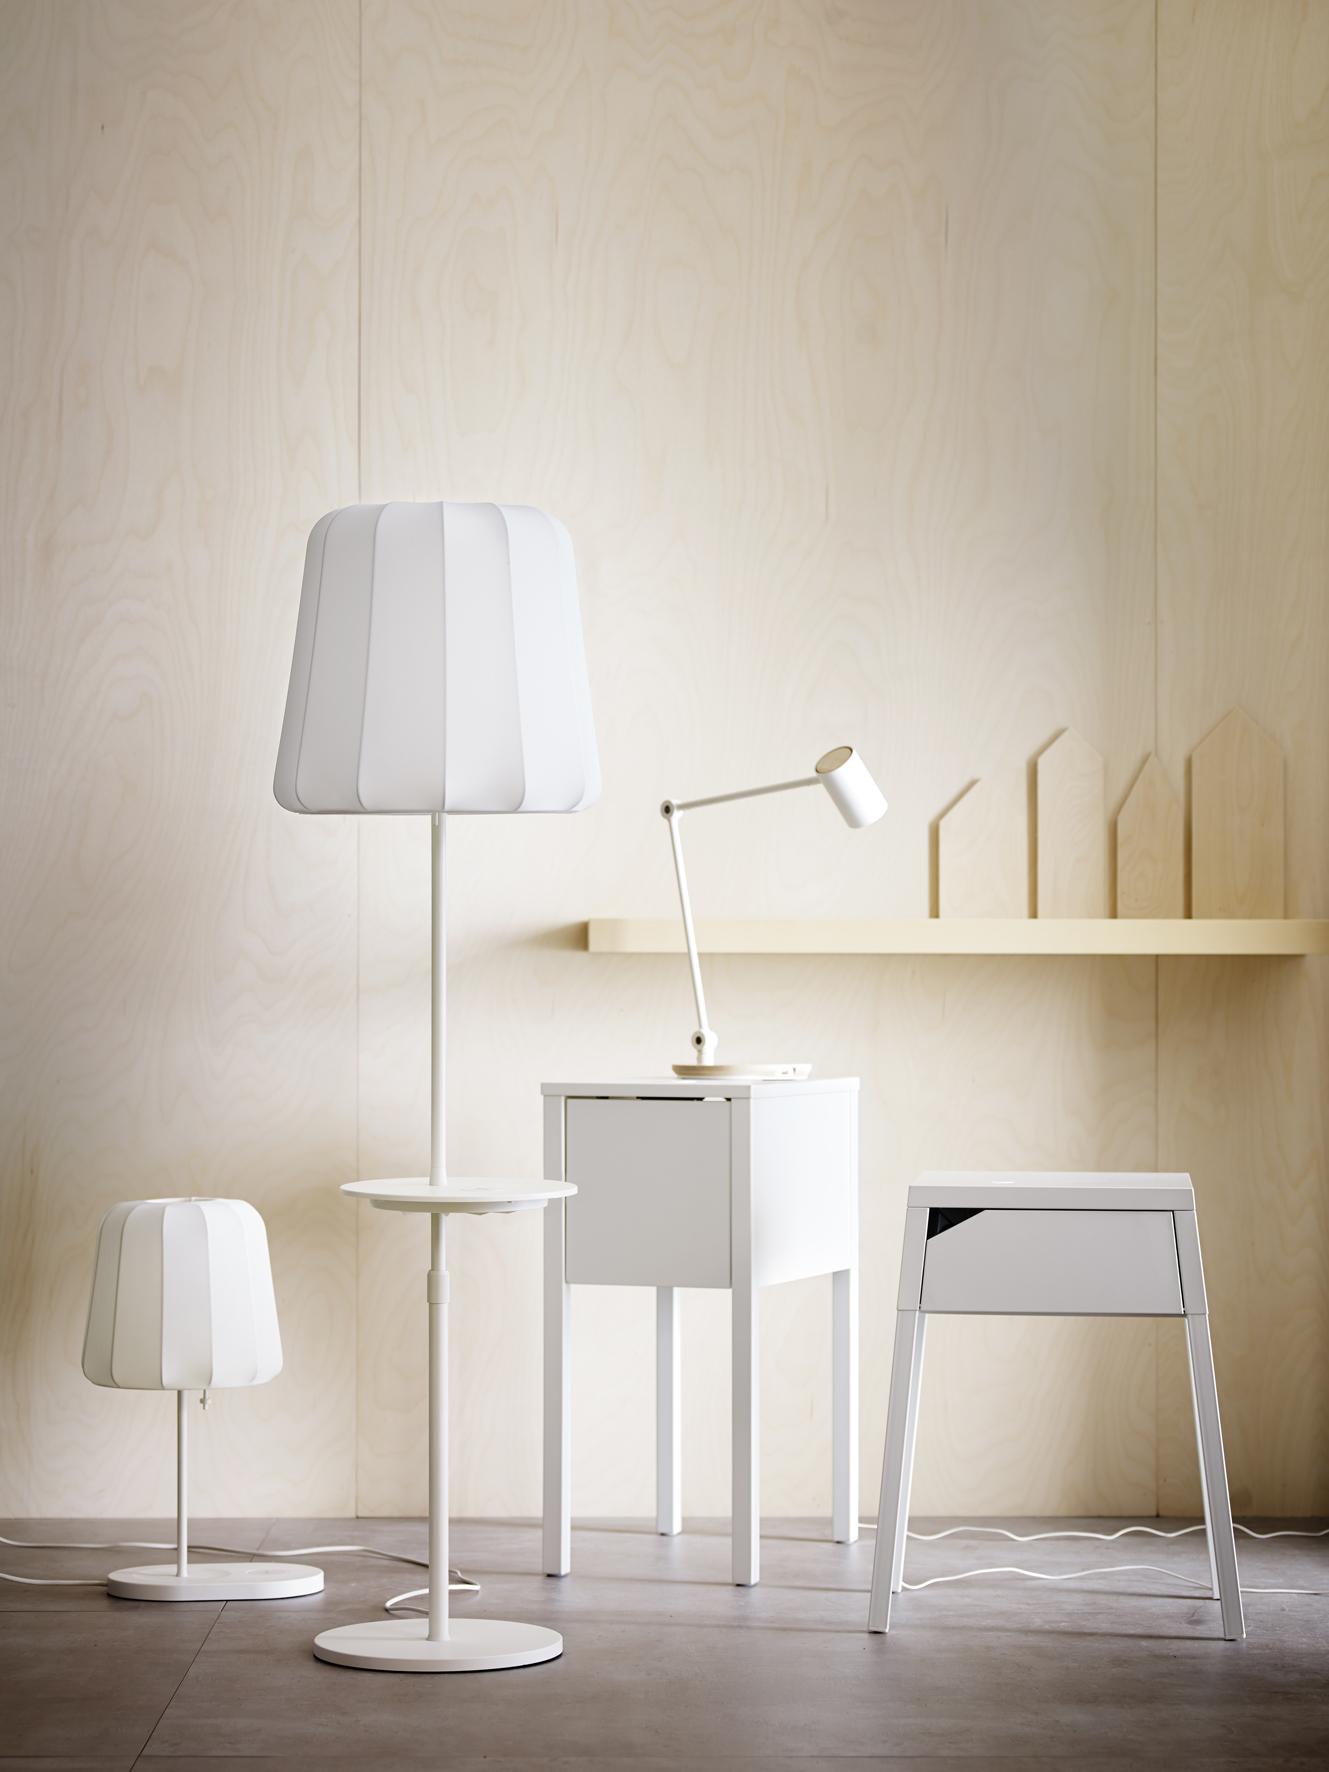 de collectie bestaat uit nachtlampjes, nachtkastjes, staande lampen, kleine tafeltjes, losse oplaadstations en inbouwproducten